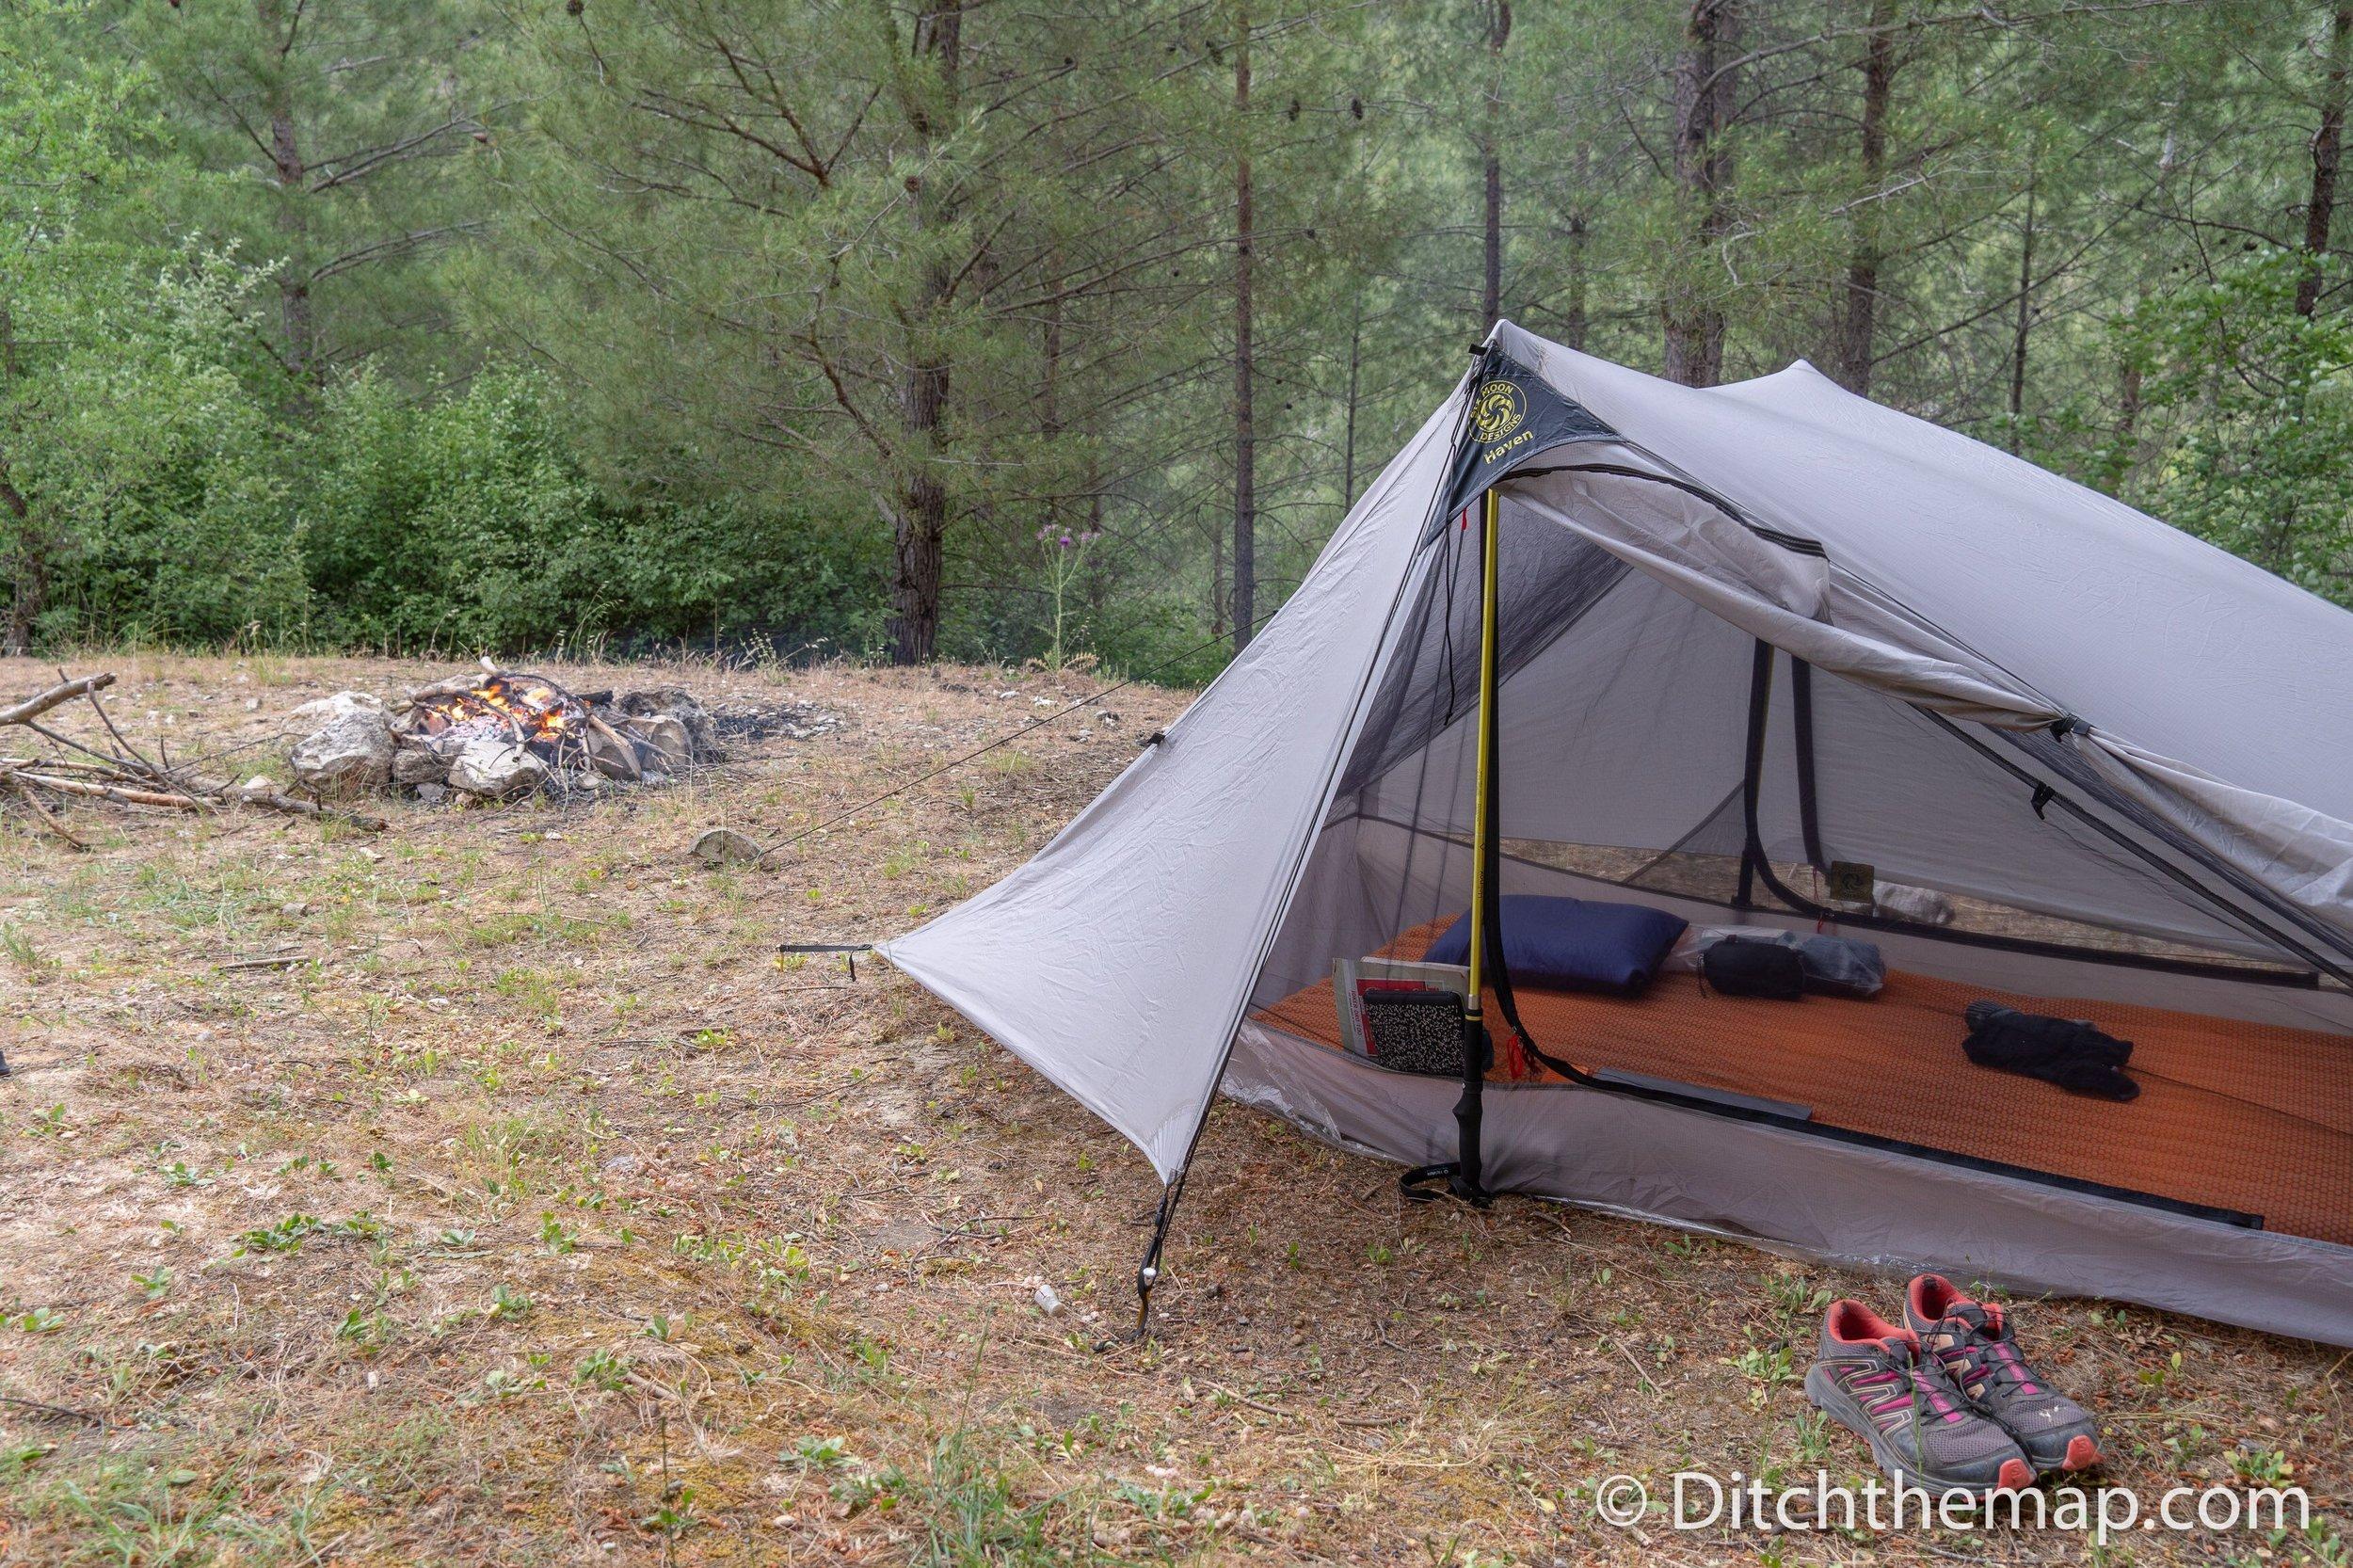 Campsite on the Lycian Way near Hacıoğlan Deresi